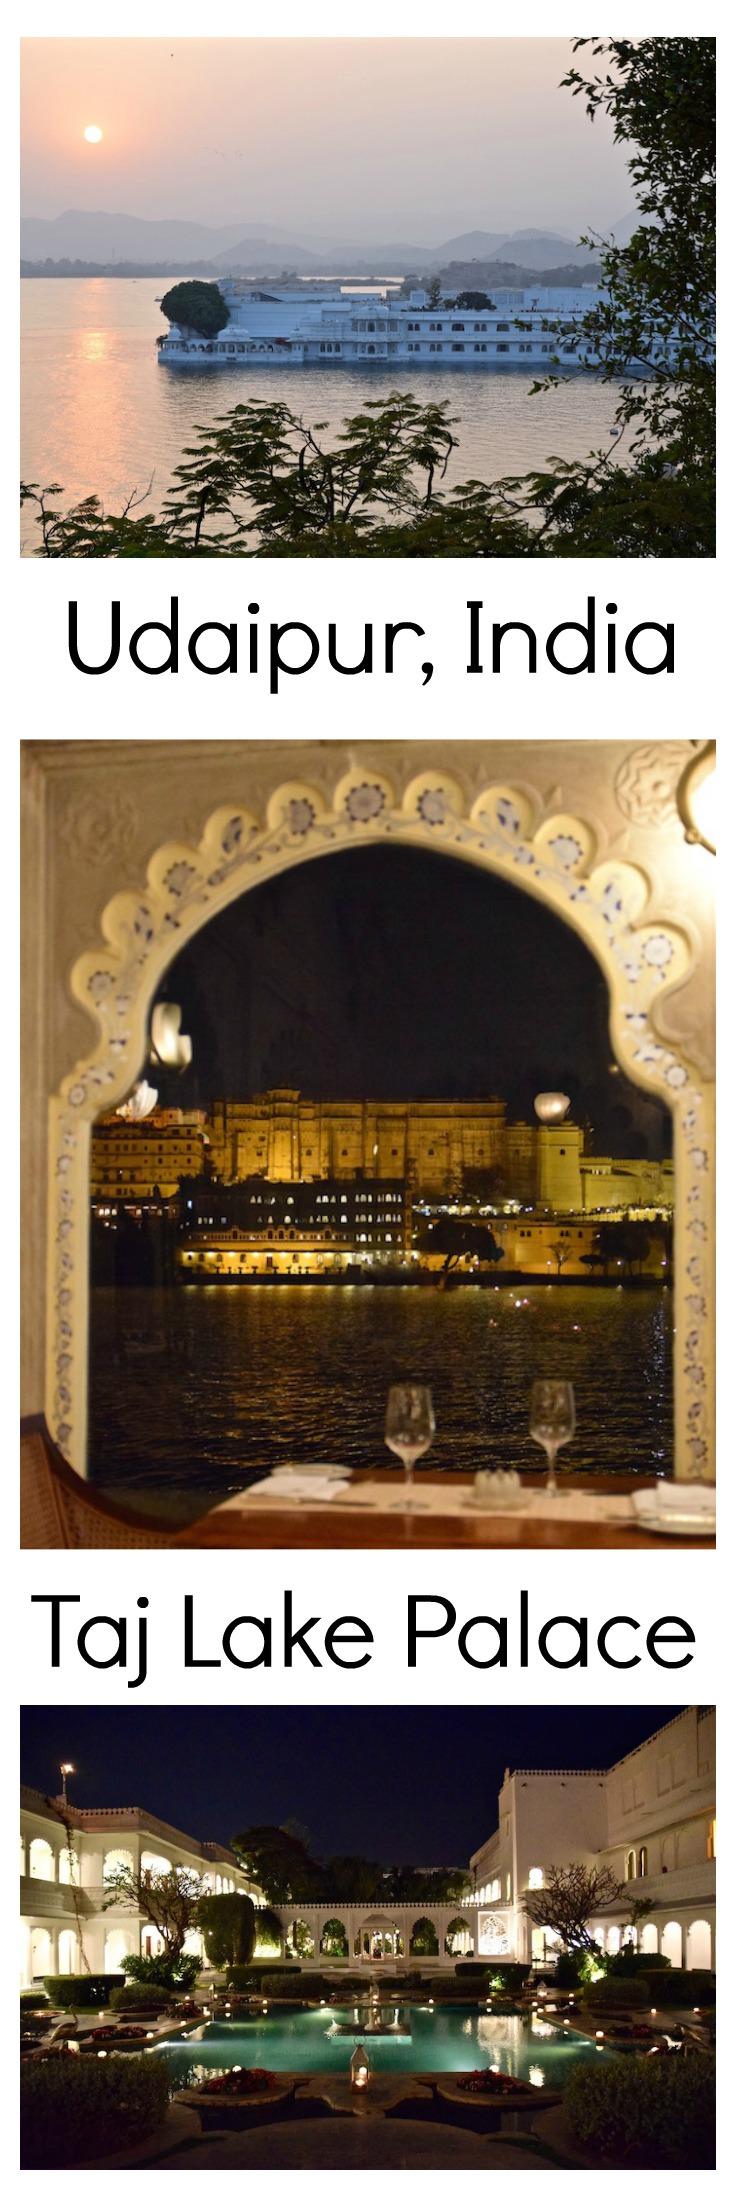 Udaipur and the Taj Lake Palace Asia travel, India